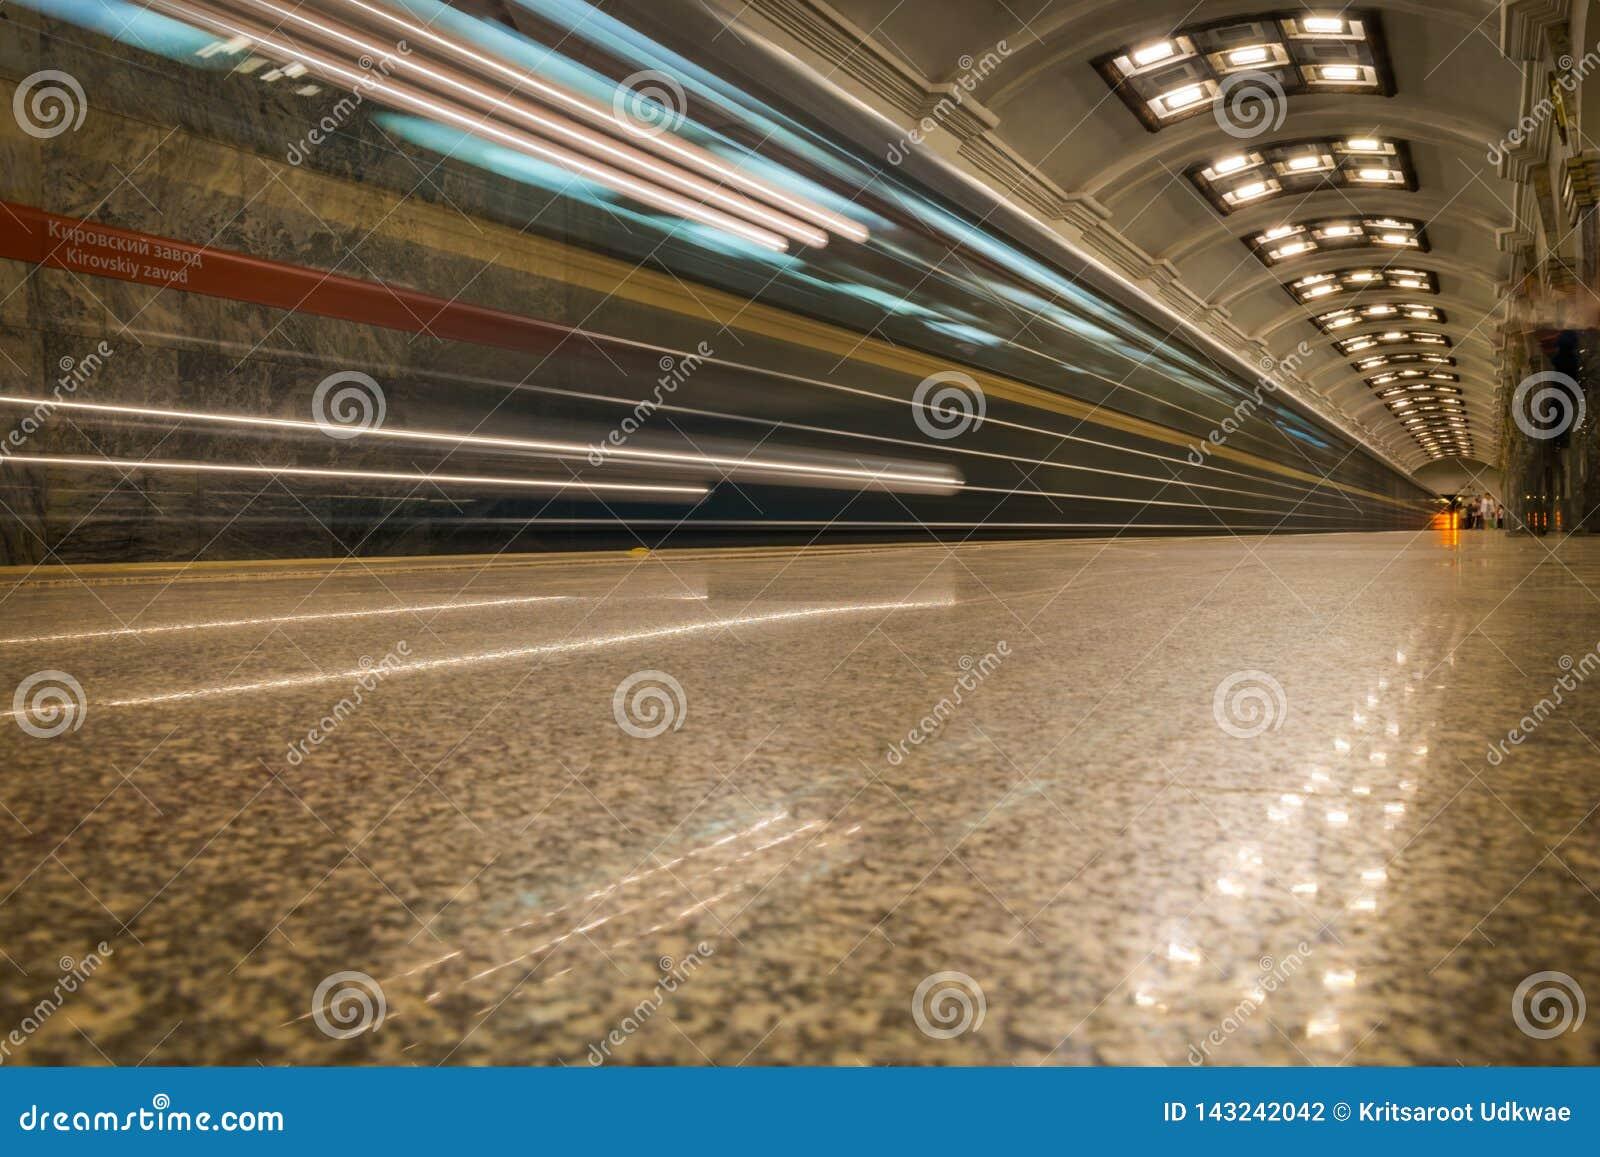 火车光在地铁通过的